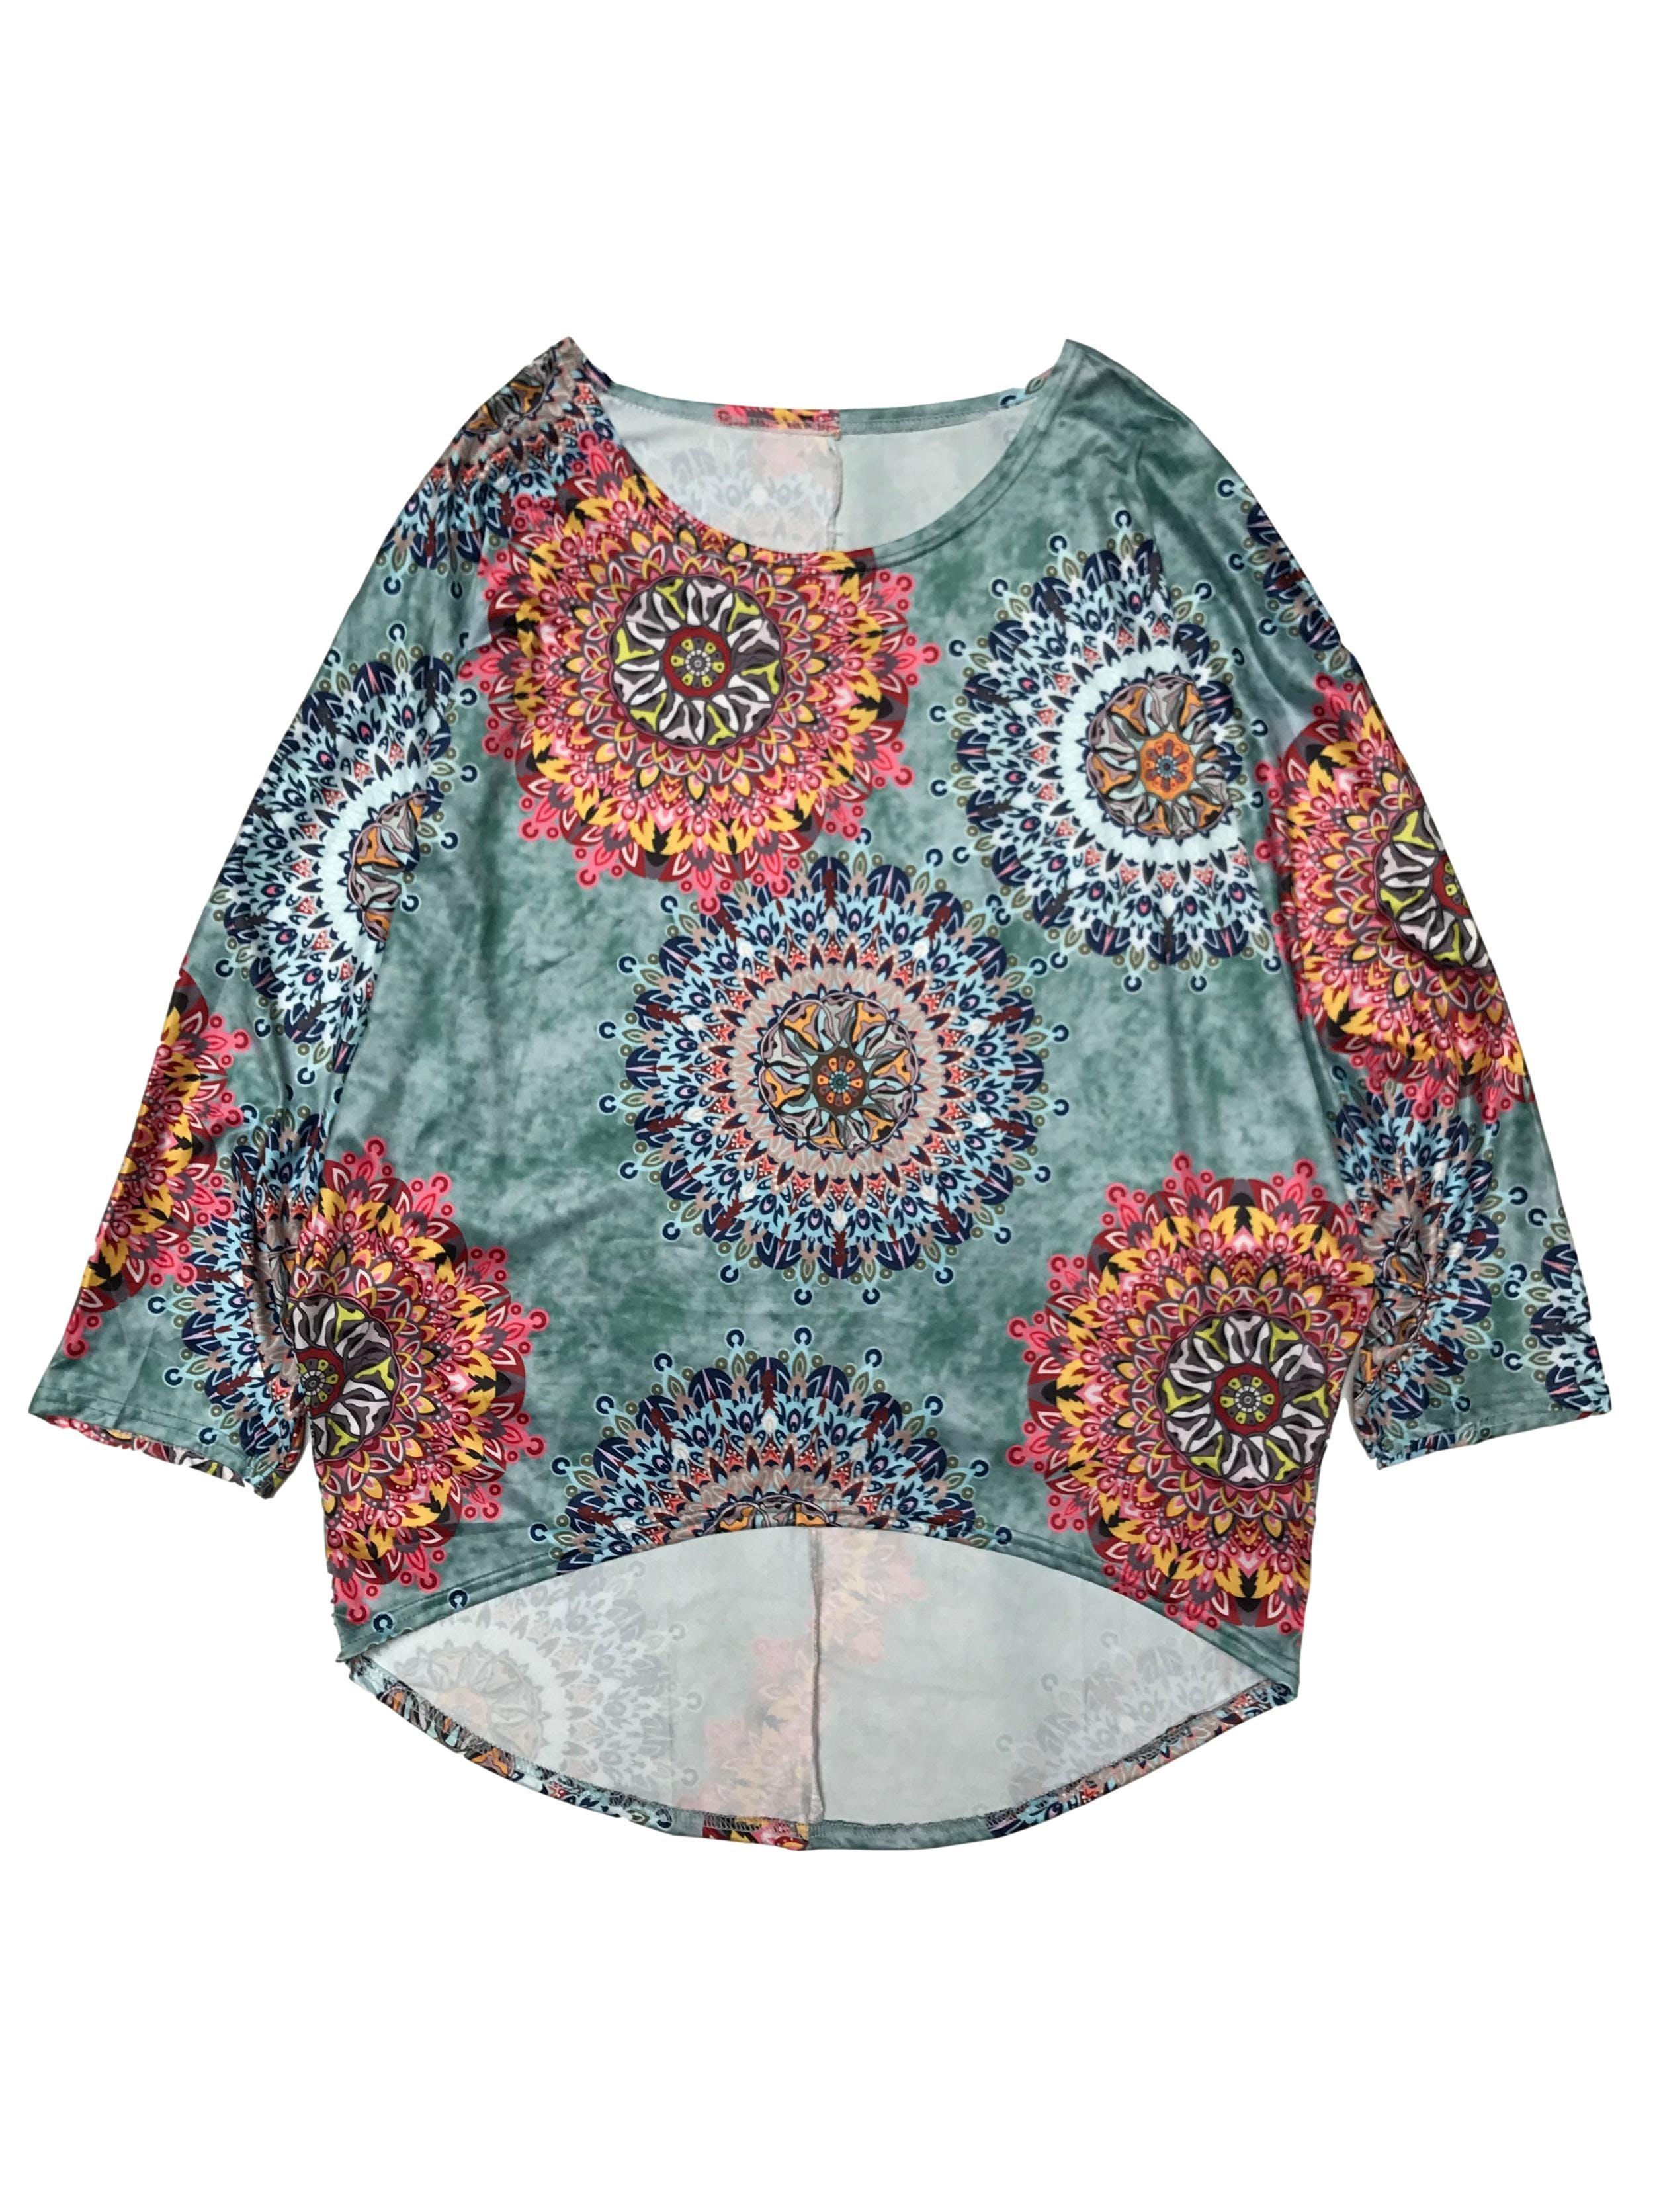 Polo manga murciélago estampado de mandalas, tela stretch